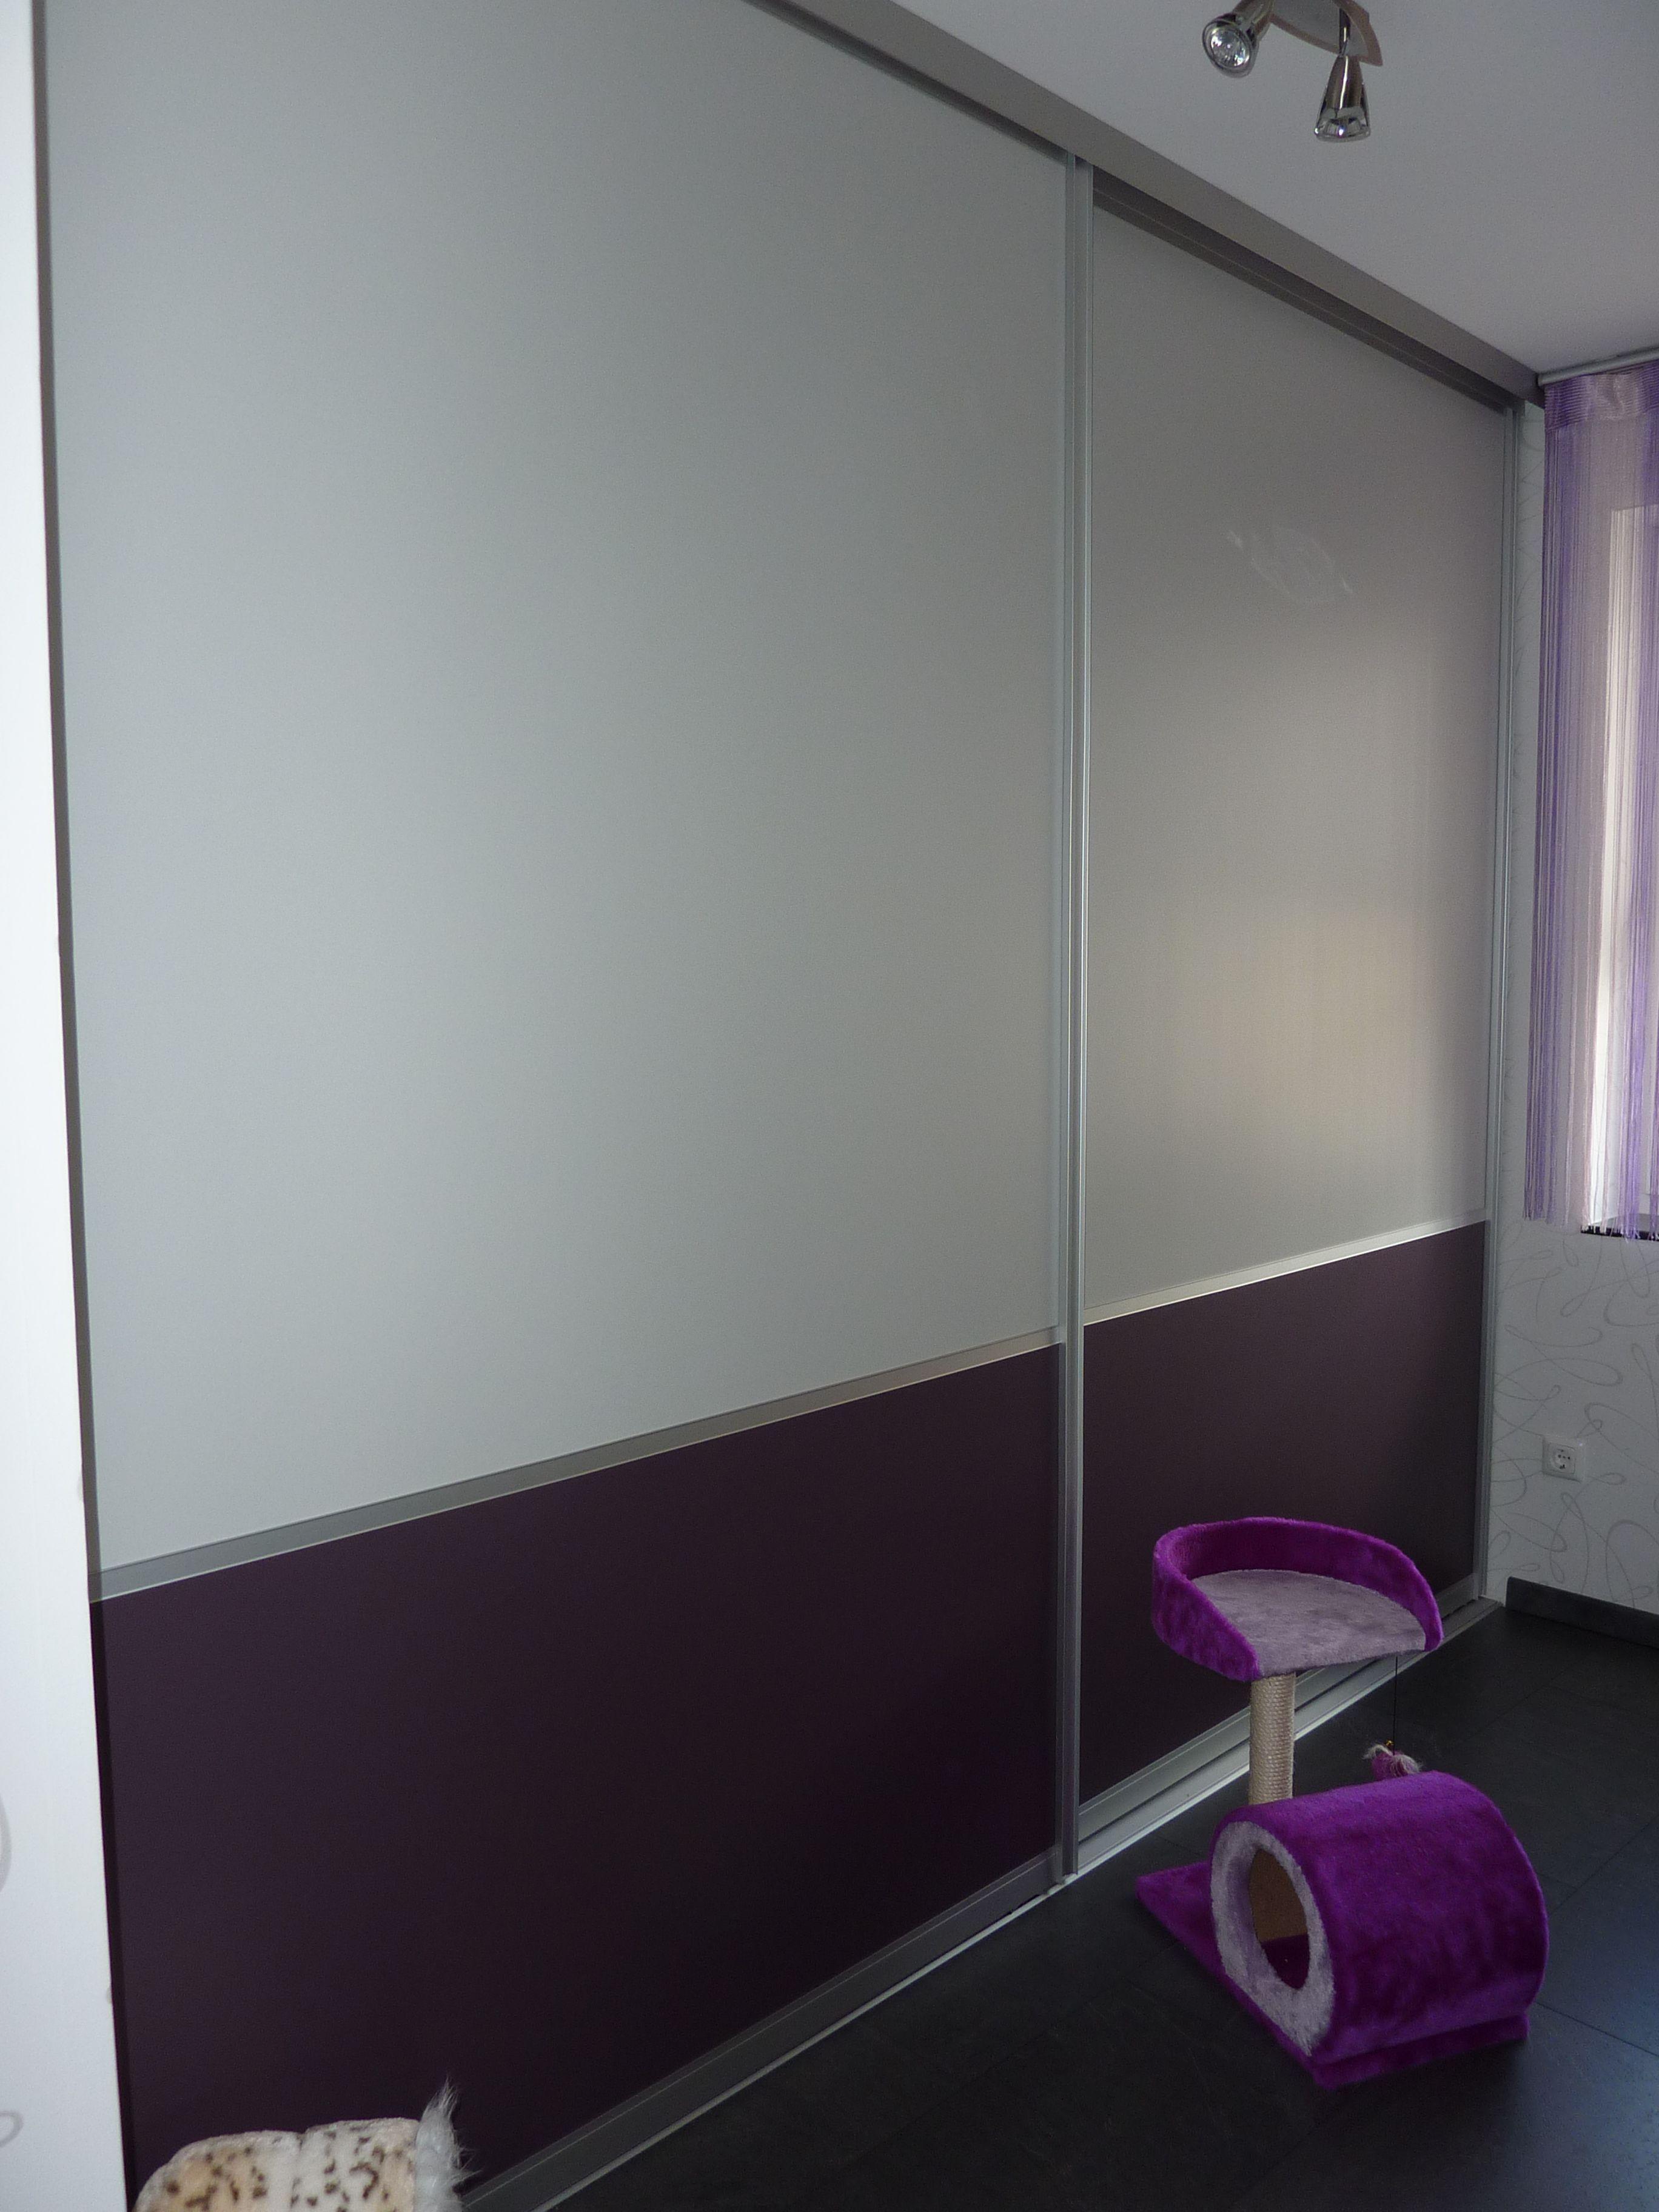 schiebet r vor einem einbauschrank in den f llungen wei und aubergine schiebet ren. Black Bedroom Furniture Sets. Home Design Ideas